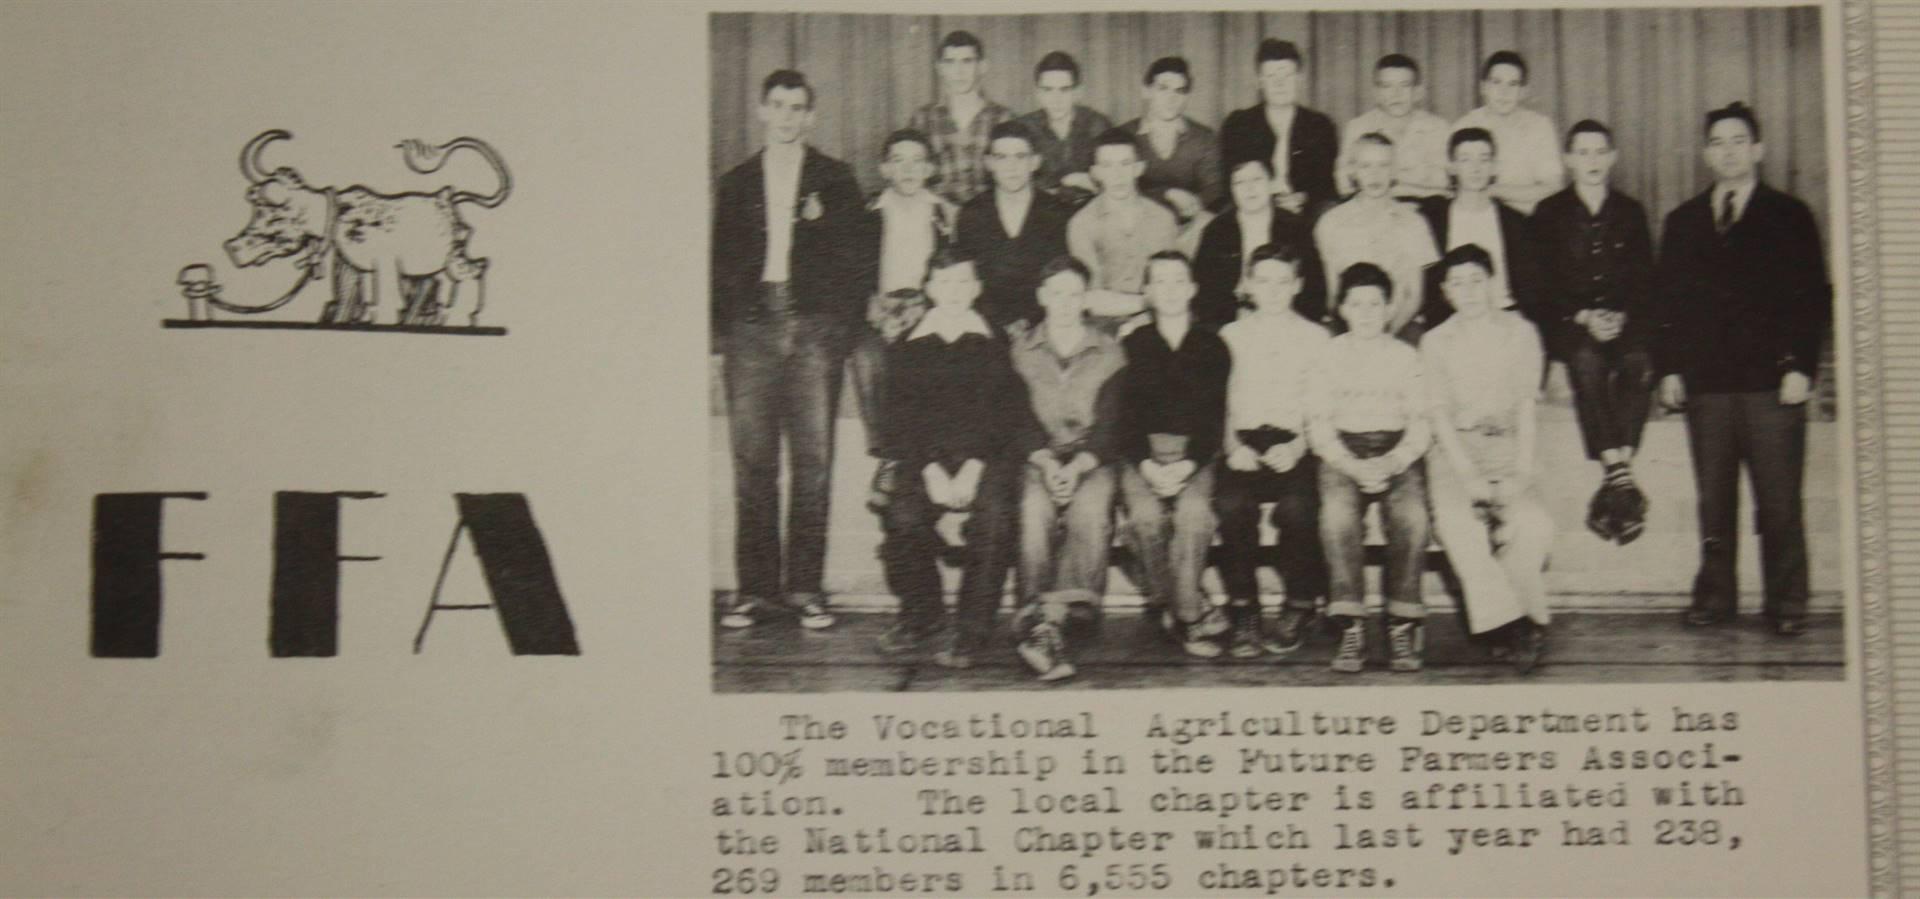 1948 FFA